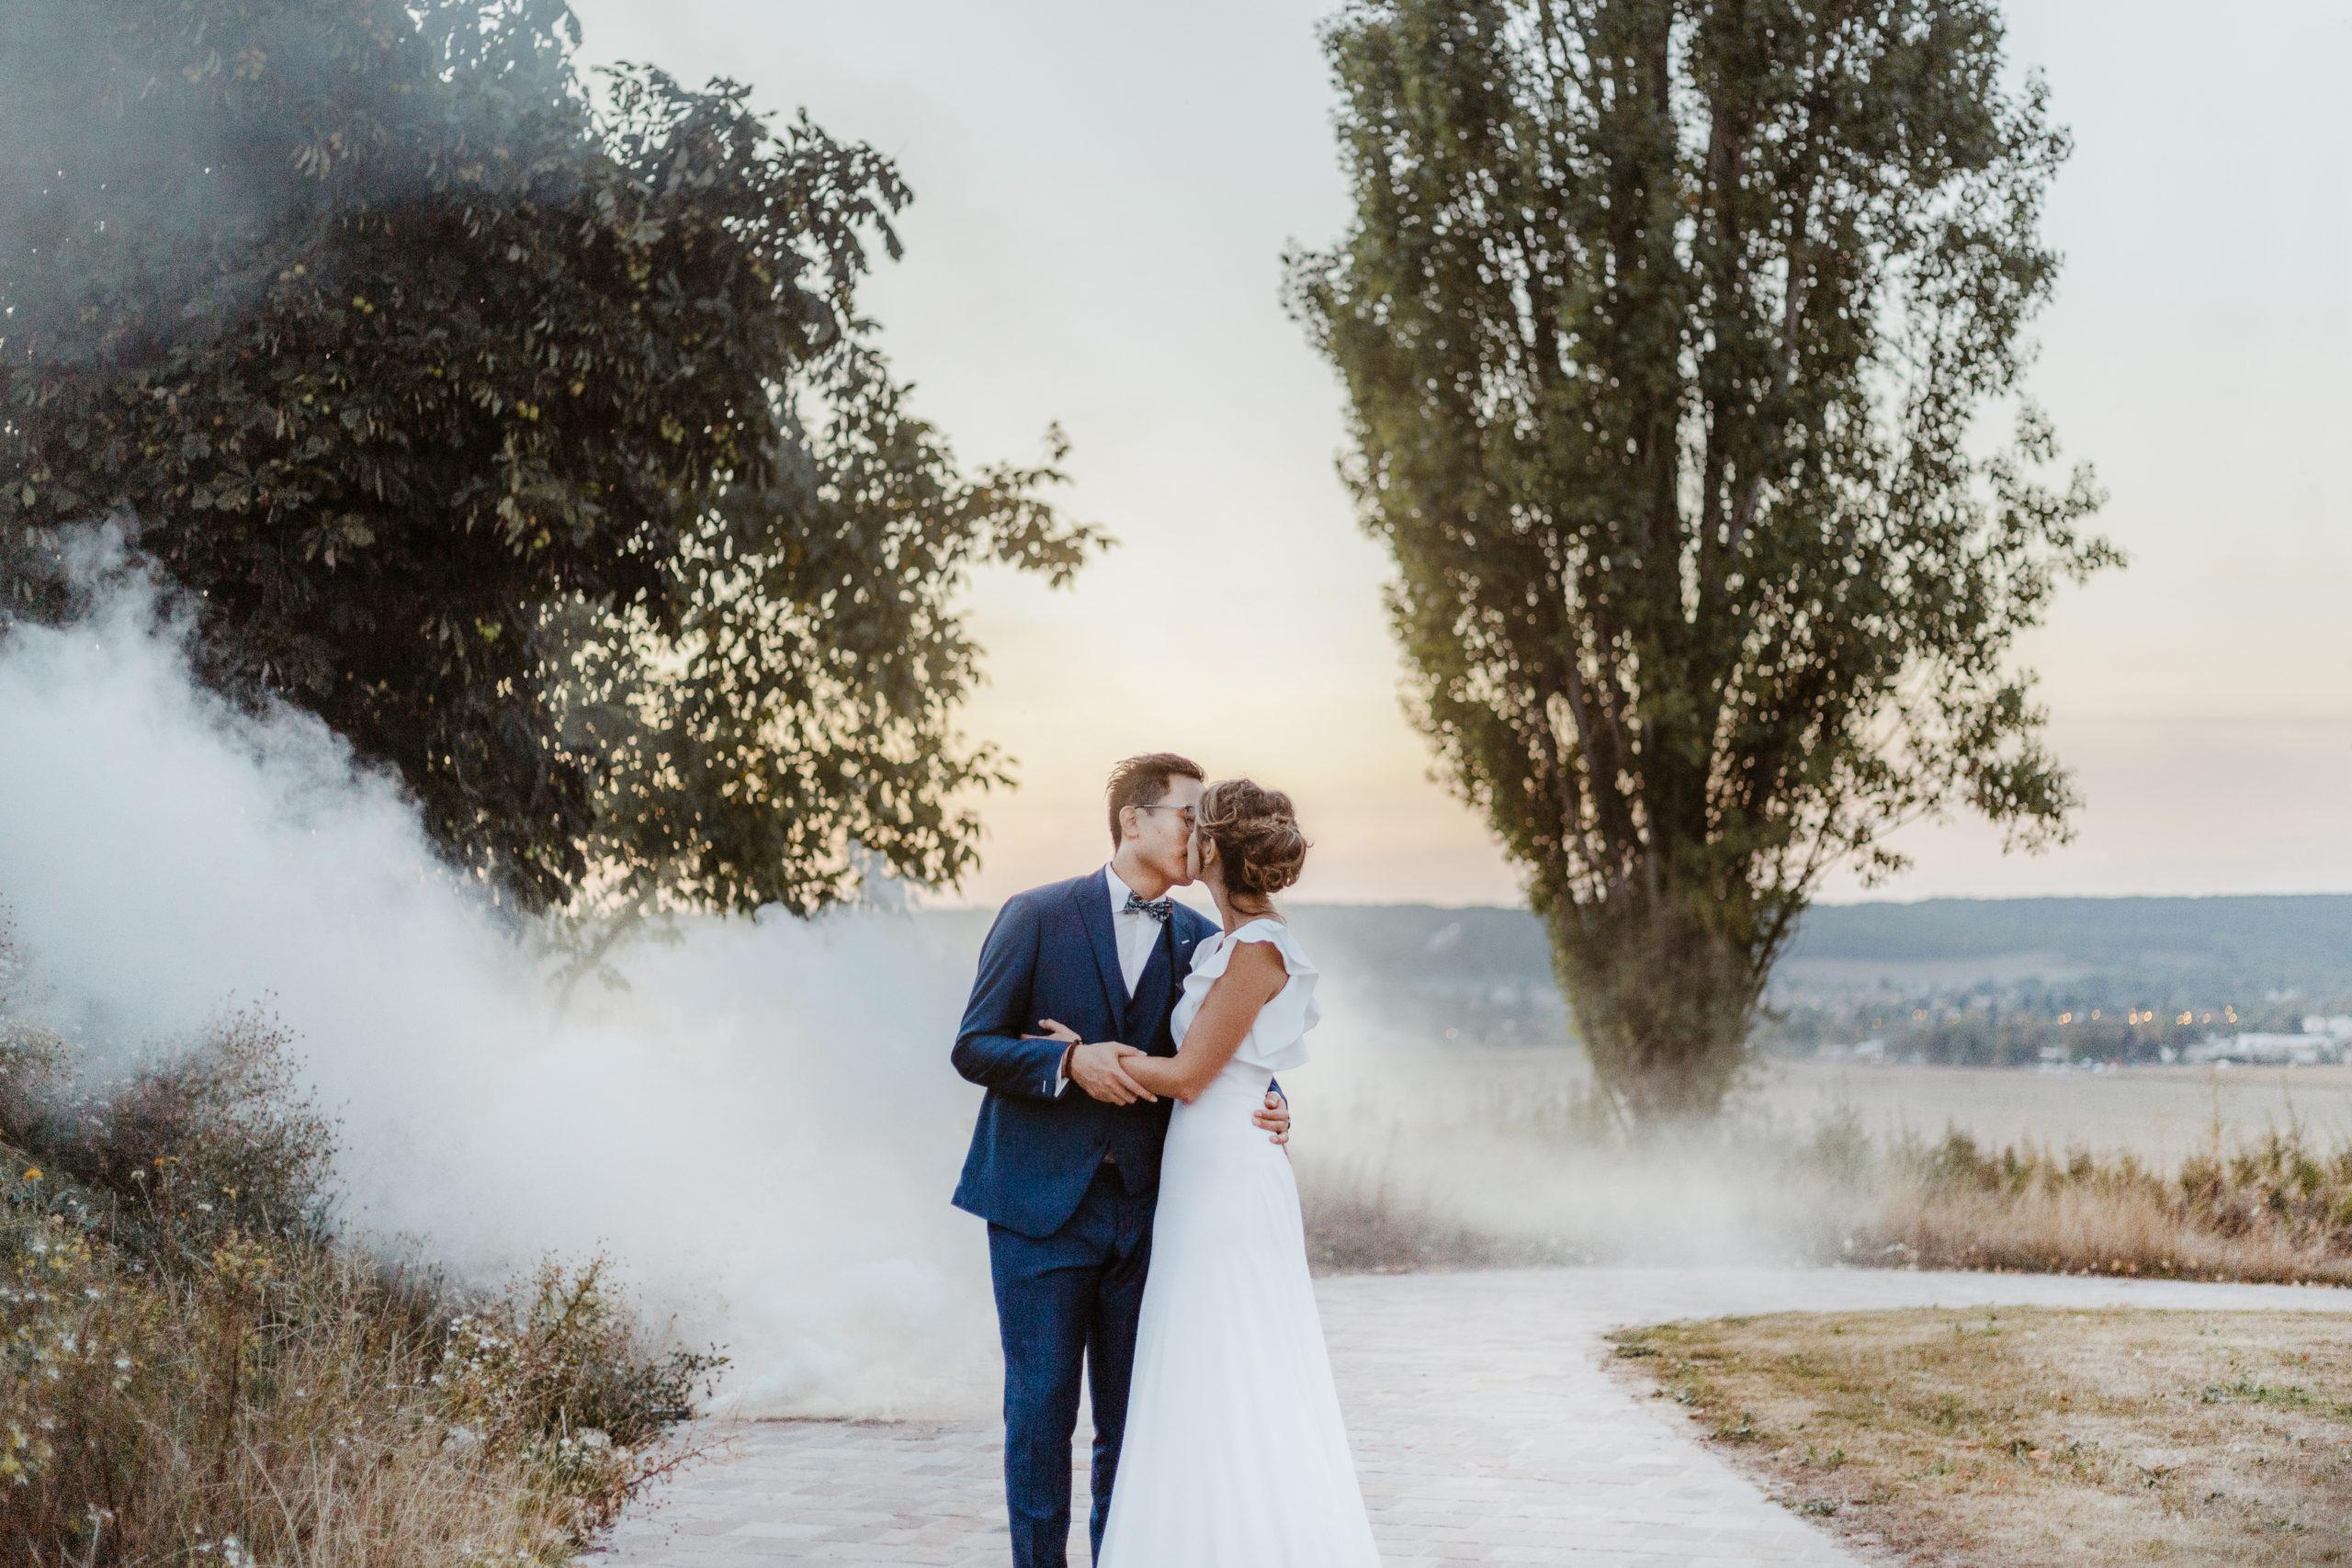 une cérémonie laïque au village de sully dans les yvelines - photographe de mariage